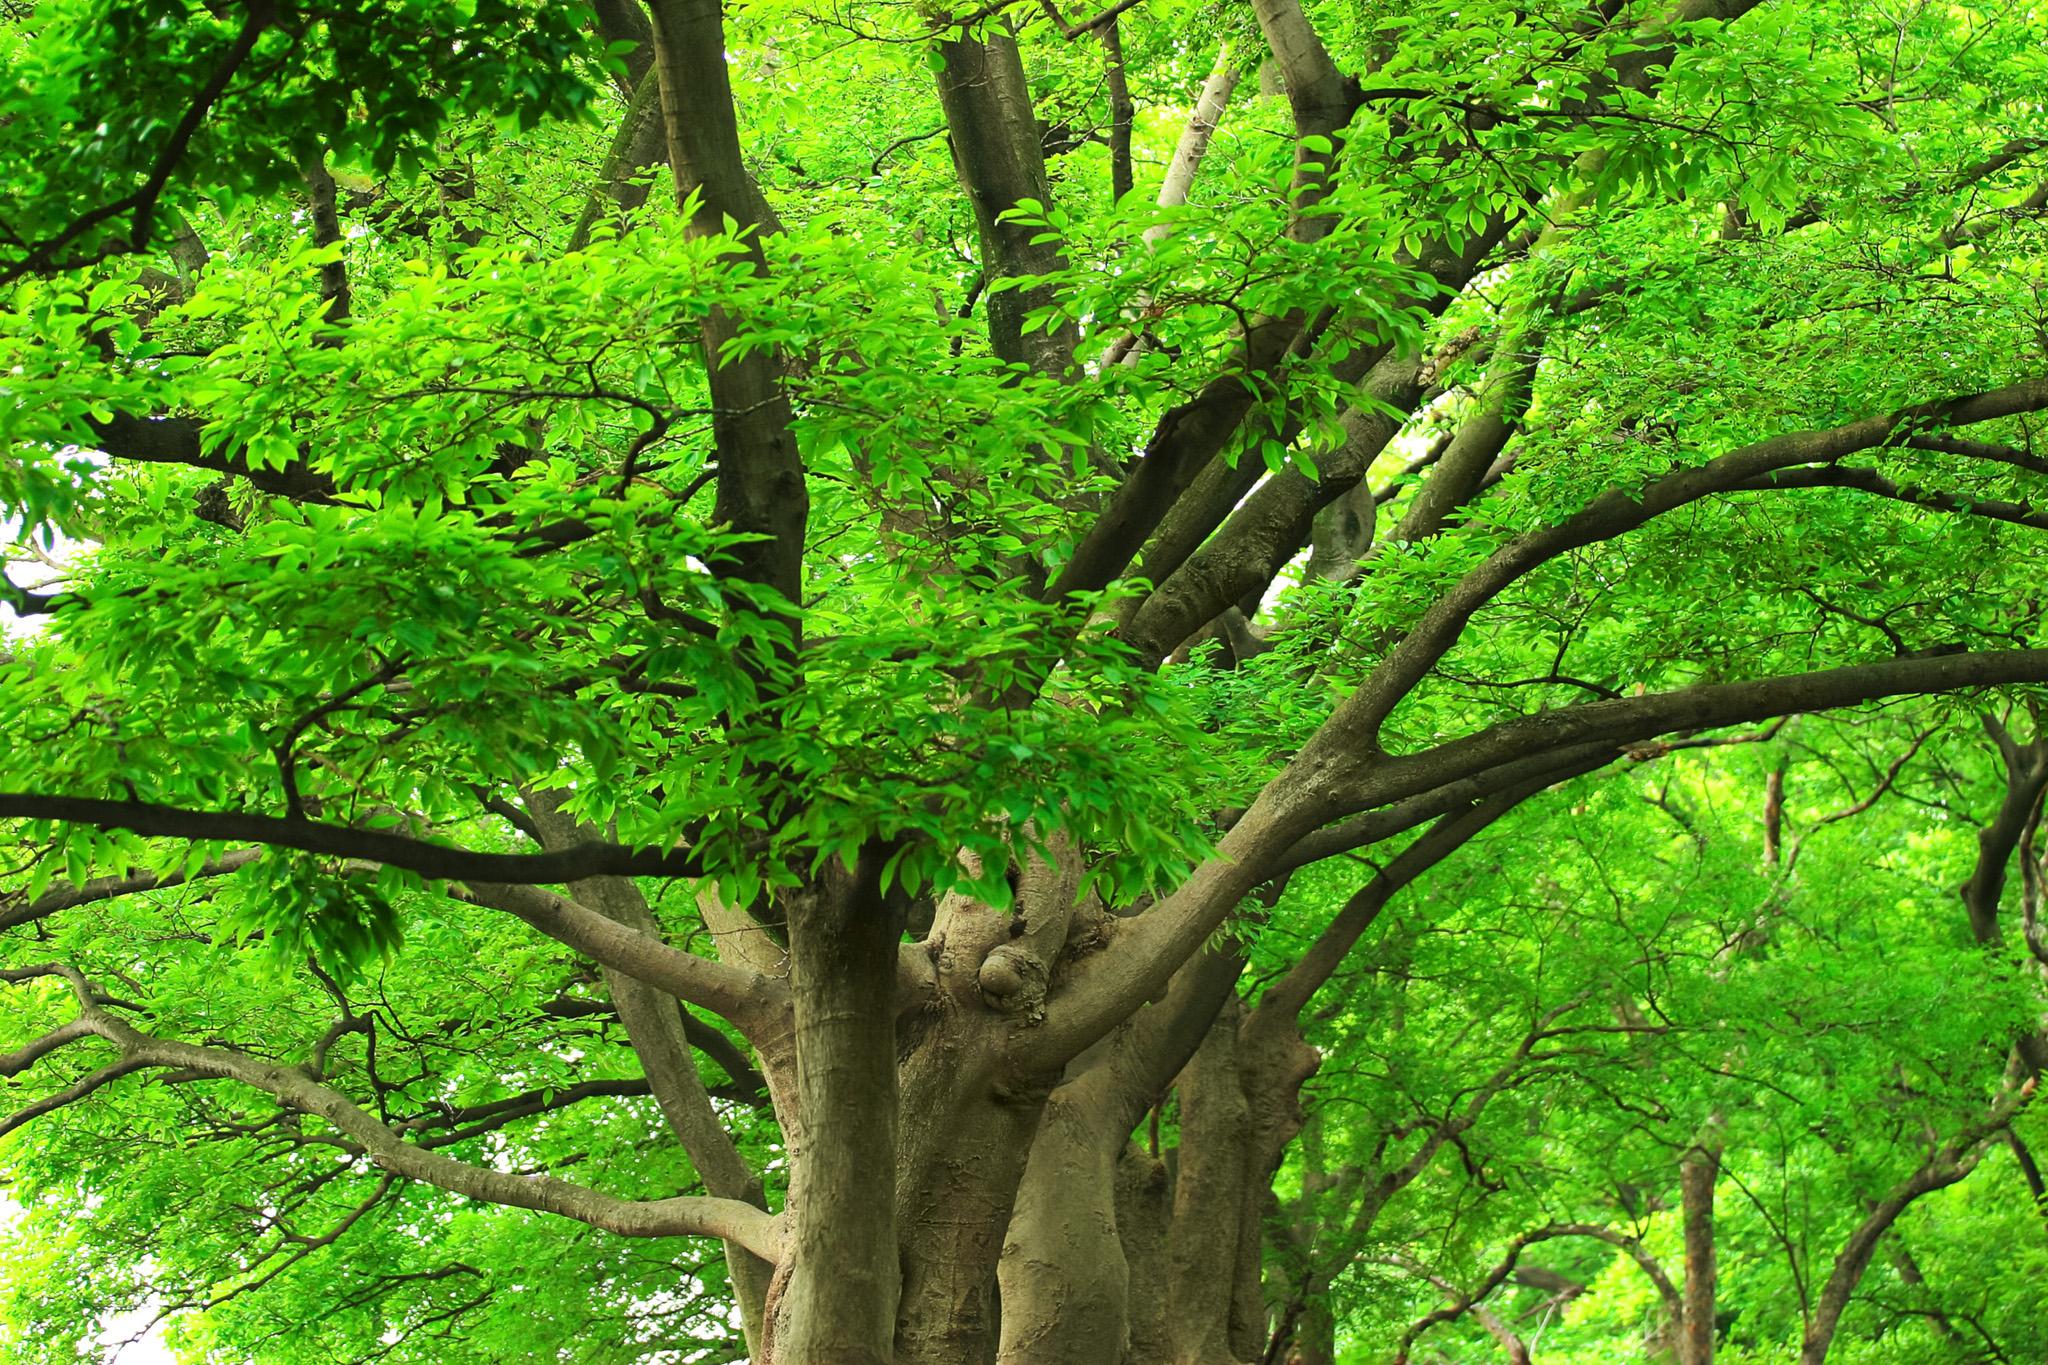 「四方に太い枝を延ばす木」の素材を無料ダウンロード